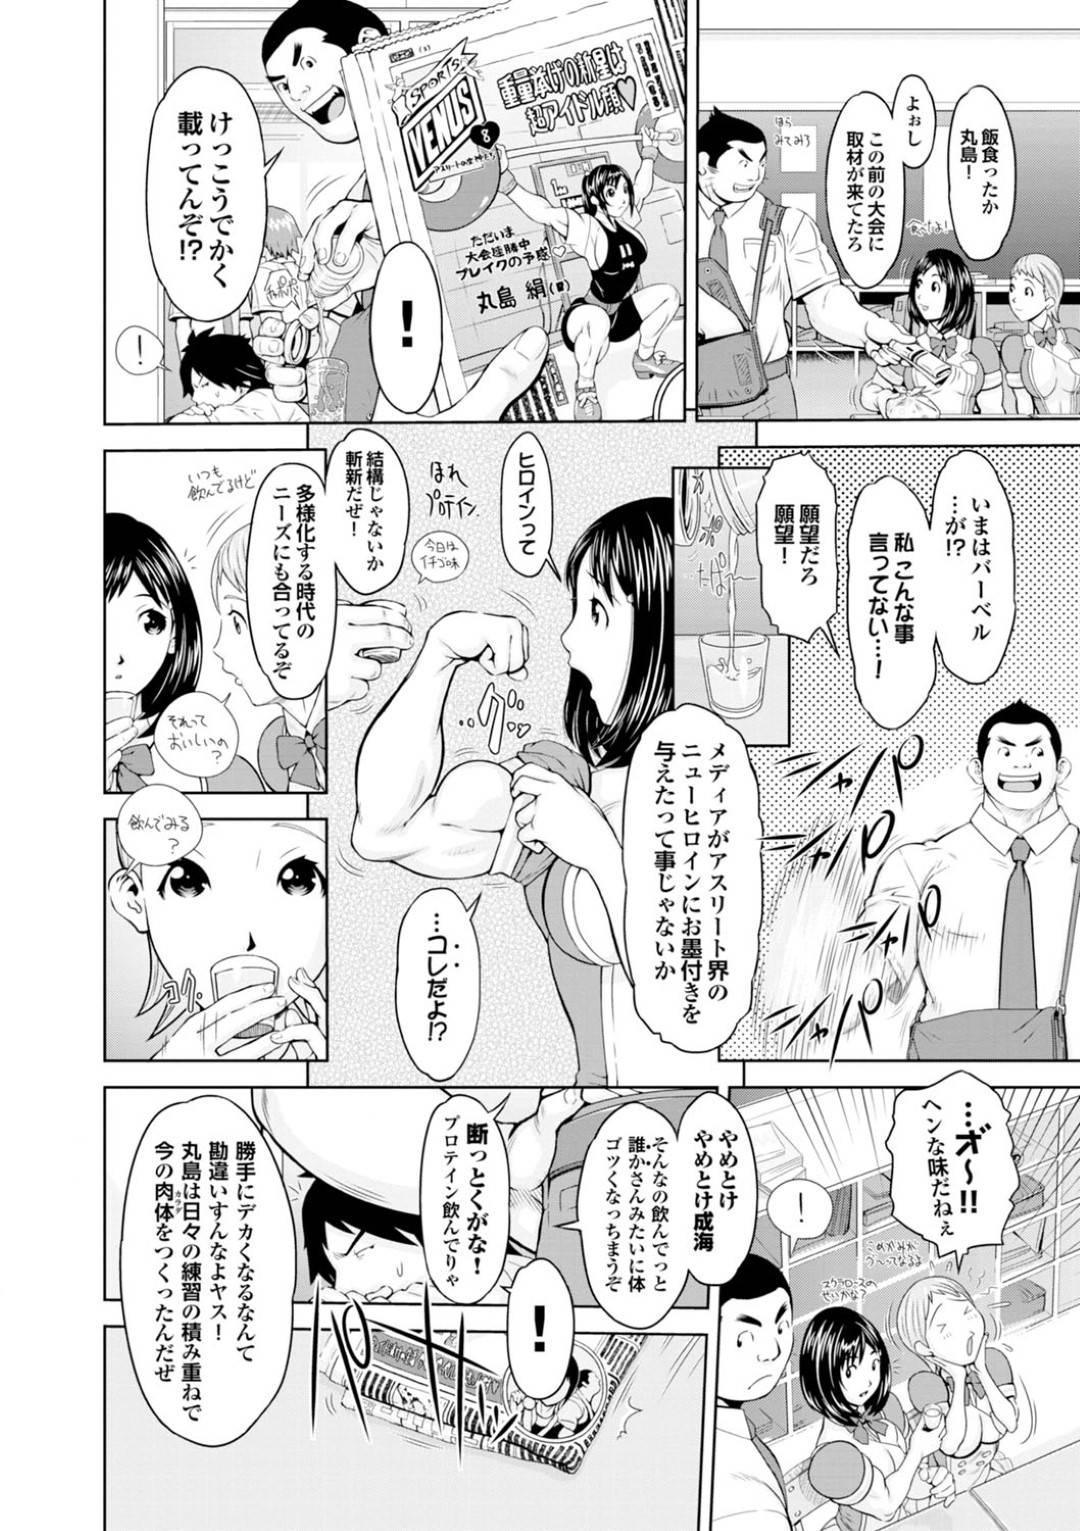 【エロ漫画】幼馴染と昔セックスしまくっていたムキムキアスリートJK…しかしアスリートになってから幼馴染とはセックスしなくなり女友達に慰めてもらっていた!【鉄歩】